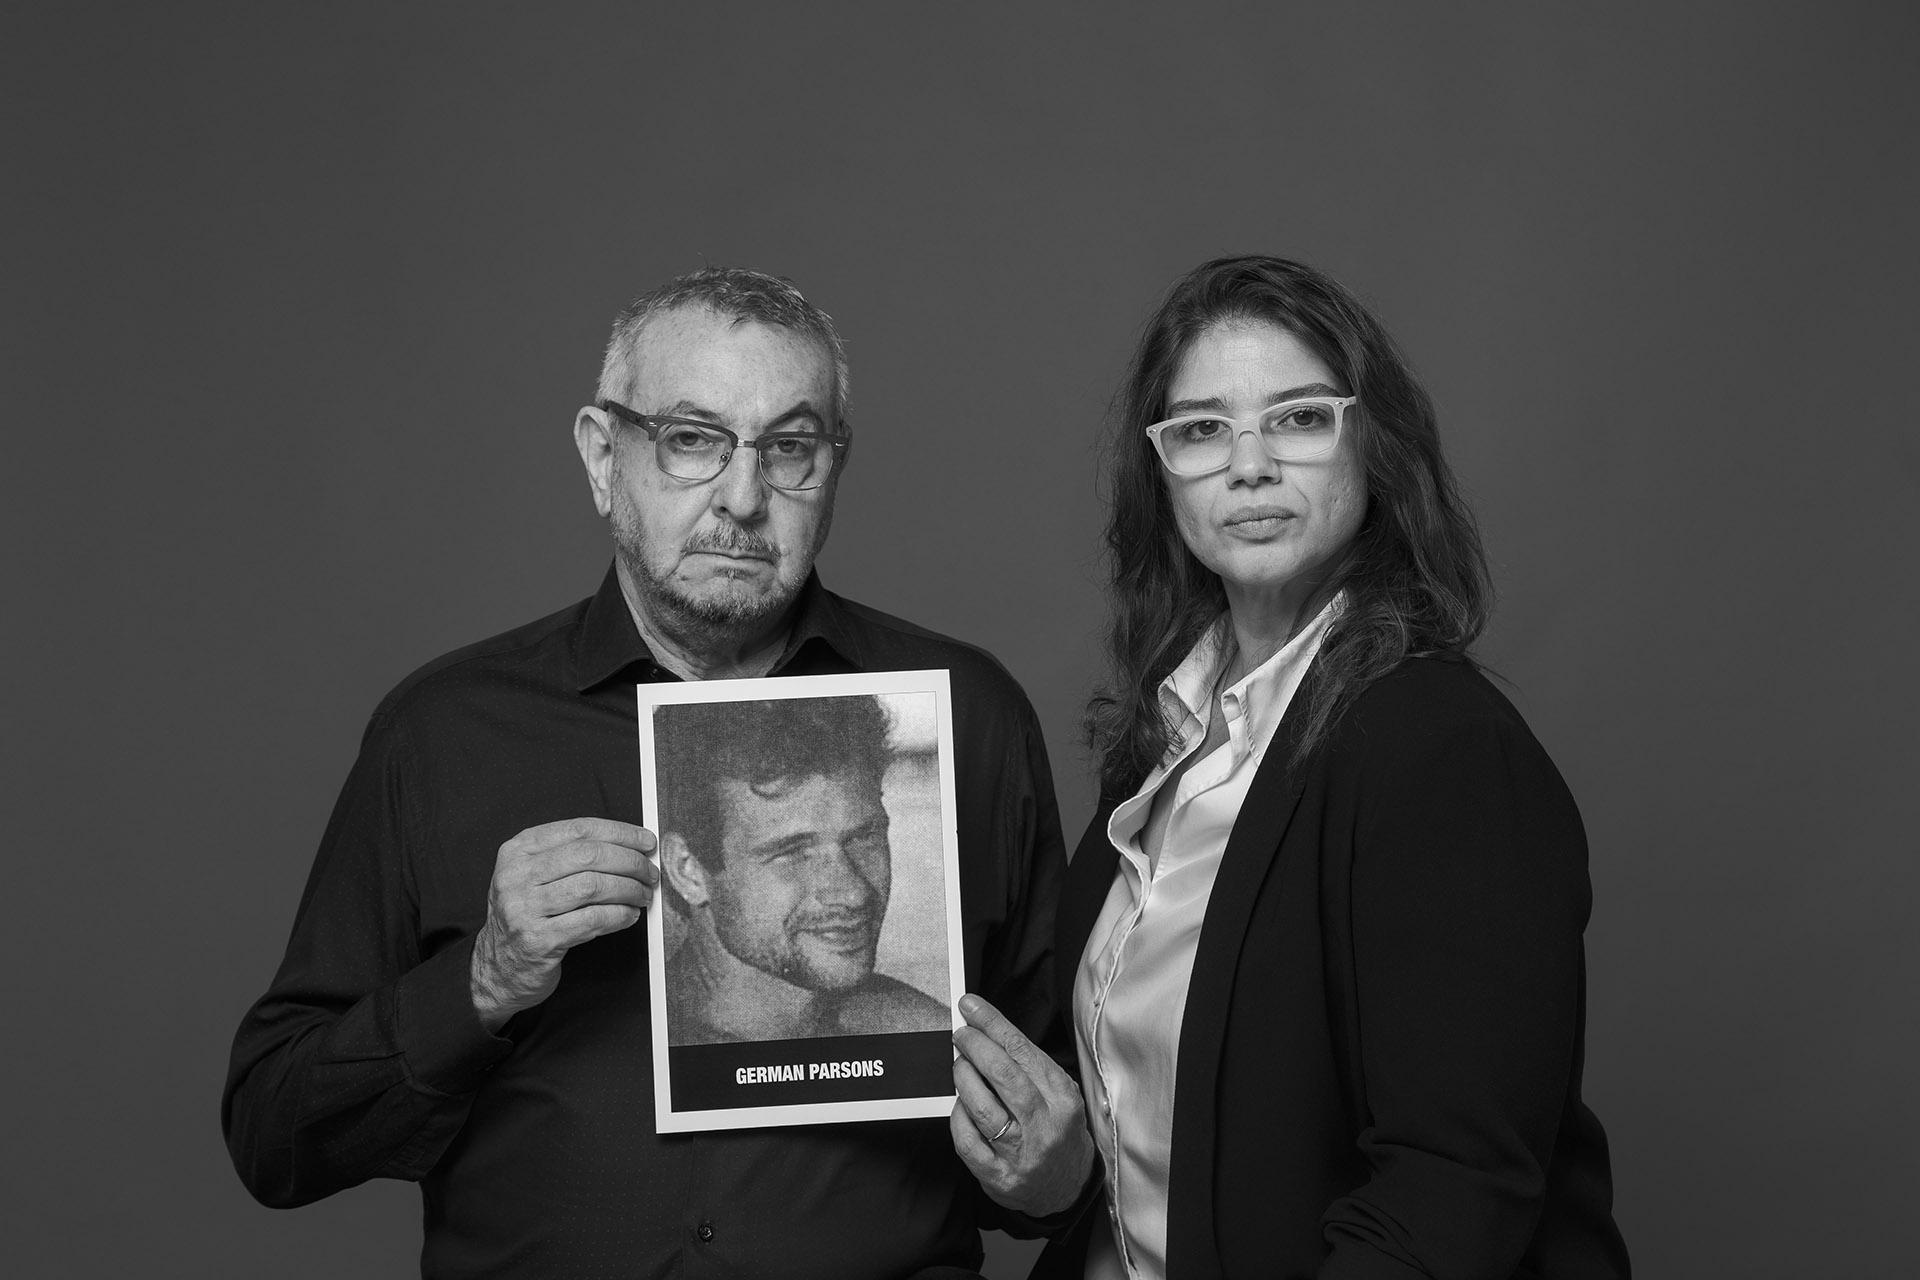 Julio Menajovsky y Lía Parsons. El fotógrafo cuenta una historia en primera persona. Una de sus fotos fue la tapa de los diarios al día siguiente y se volvió icónica. Enesa imagen se veía a Germán, una de las víctimas fatales y hermano de Lía, que era llevado en una camilla